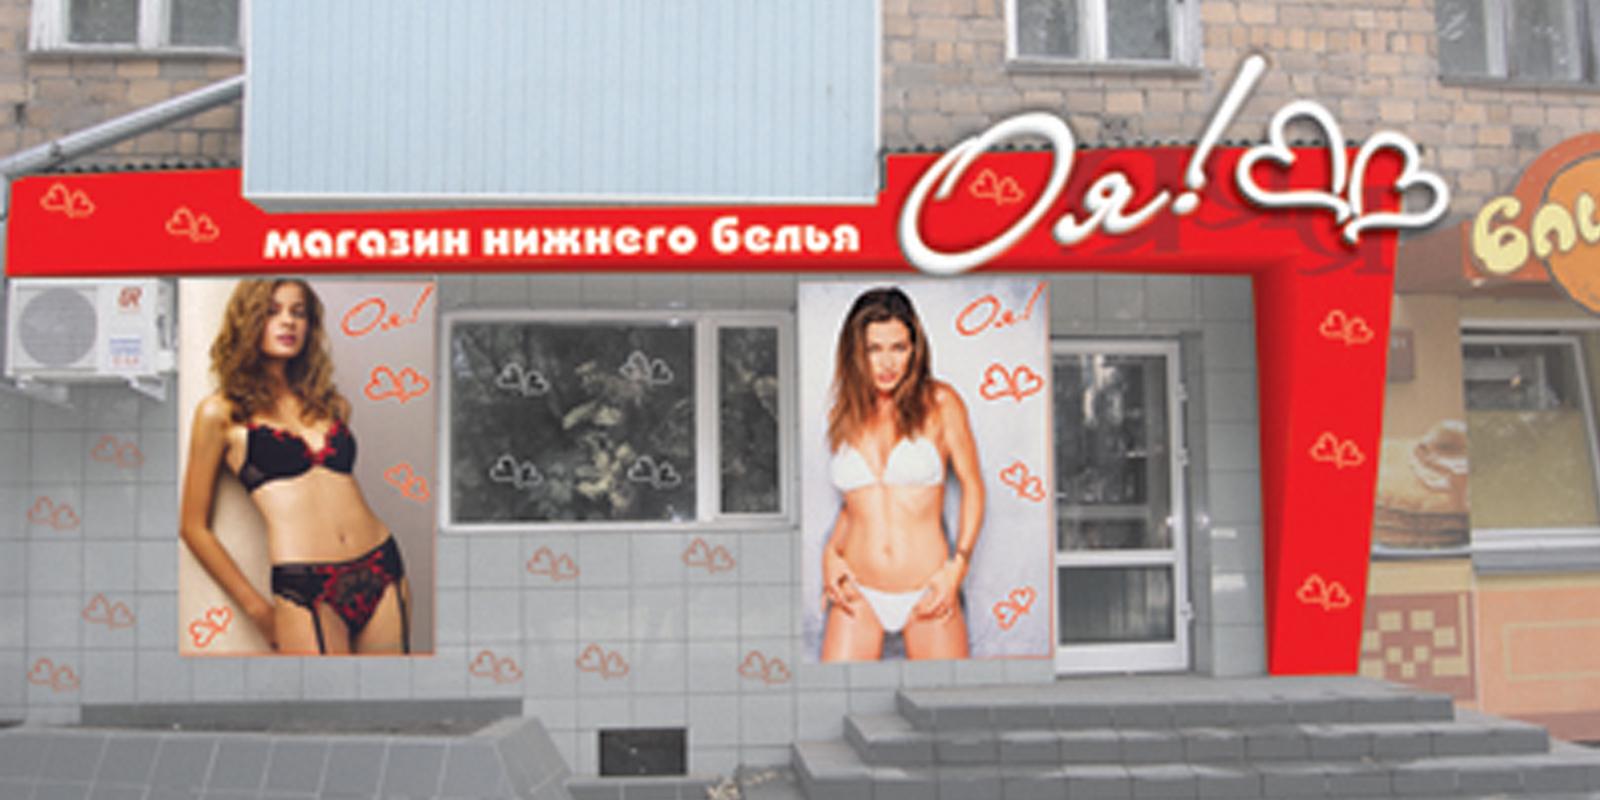 Интерьер для магазина нижнего белья